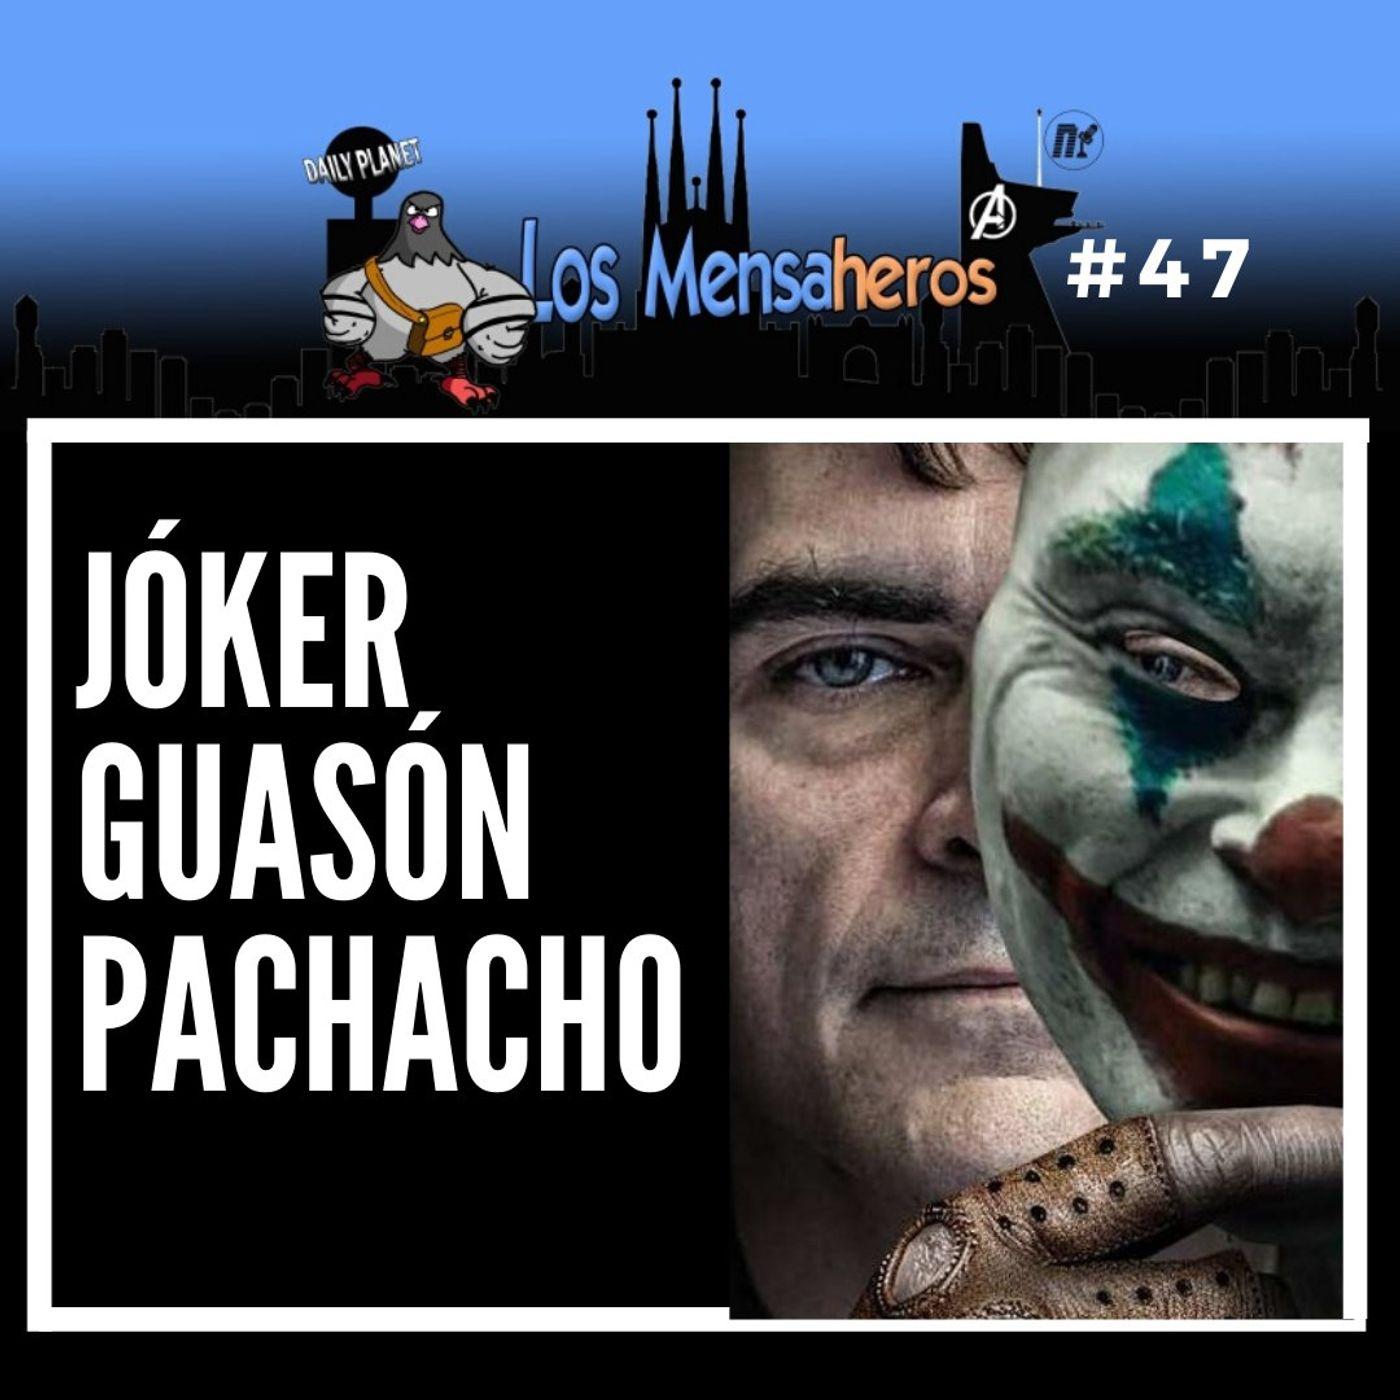 047 Joker, el pachacho guasón